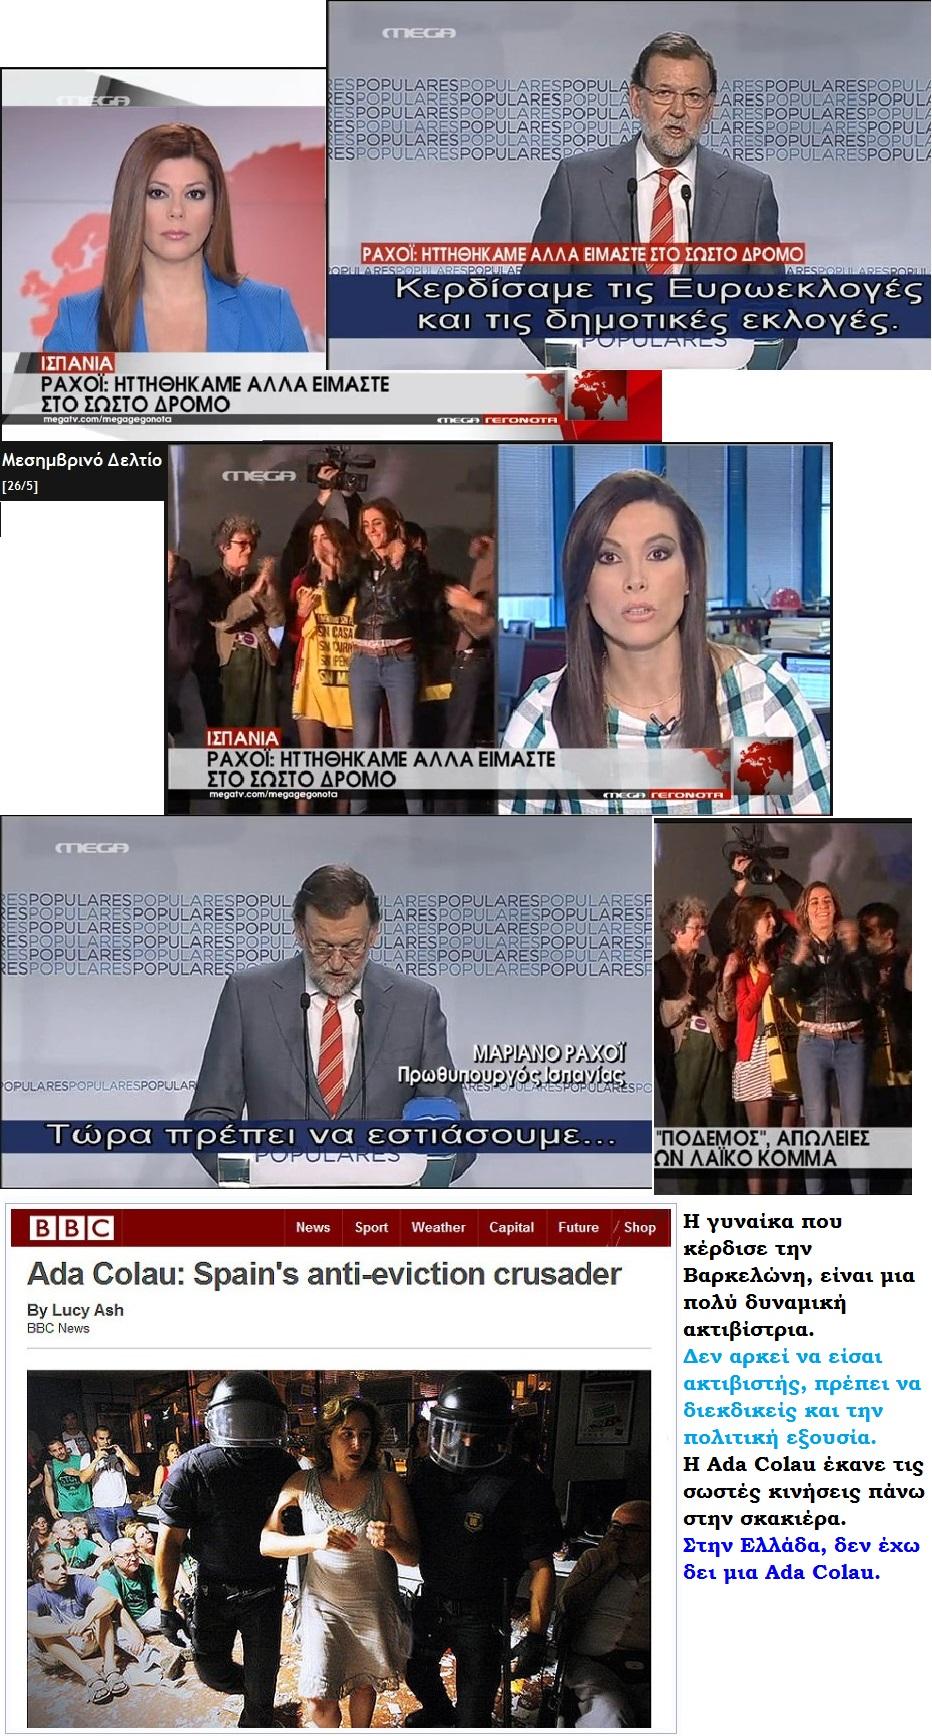 SPAIN RAJOY PODEMOS GIUDADANOS ADA COLAU 09 270515